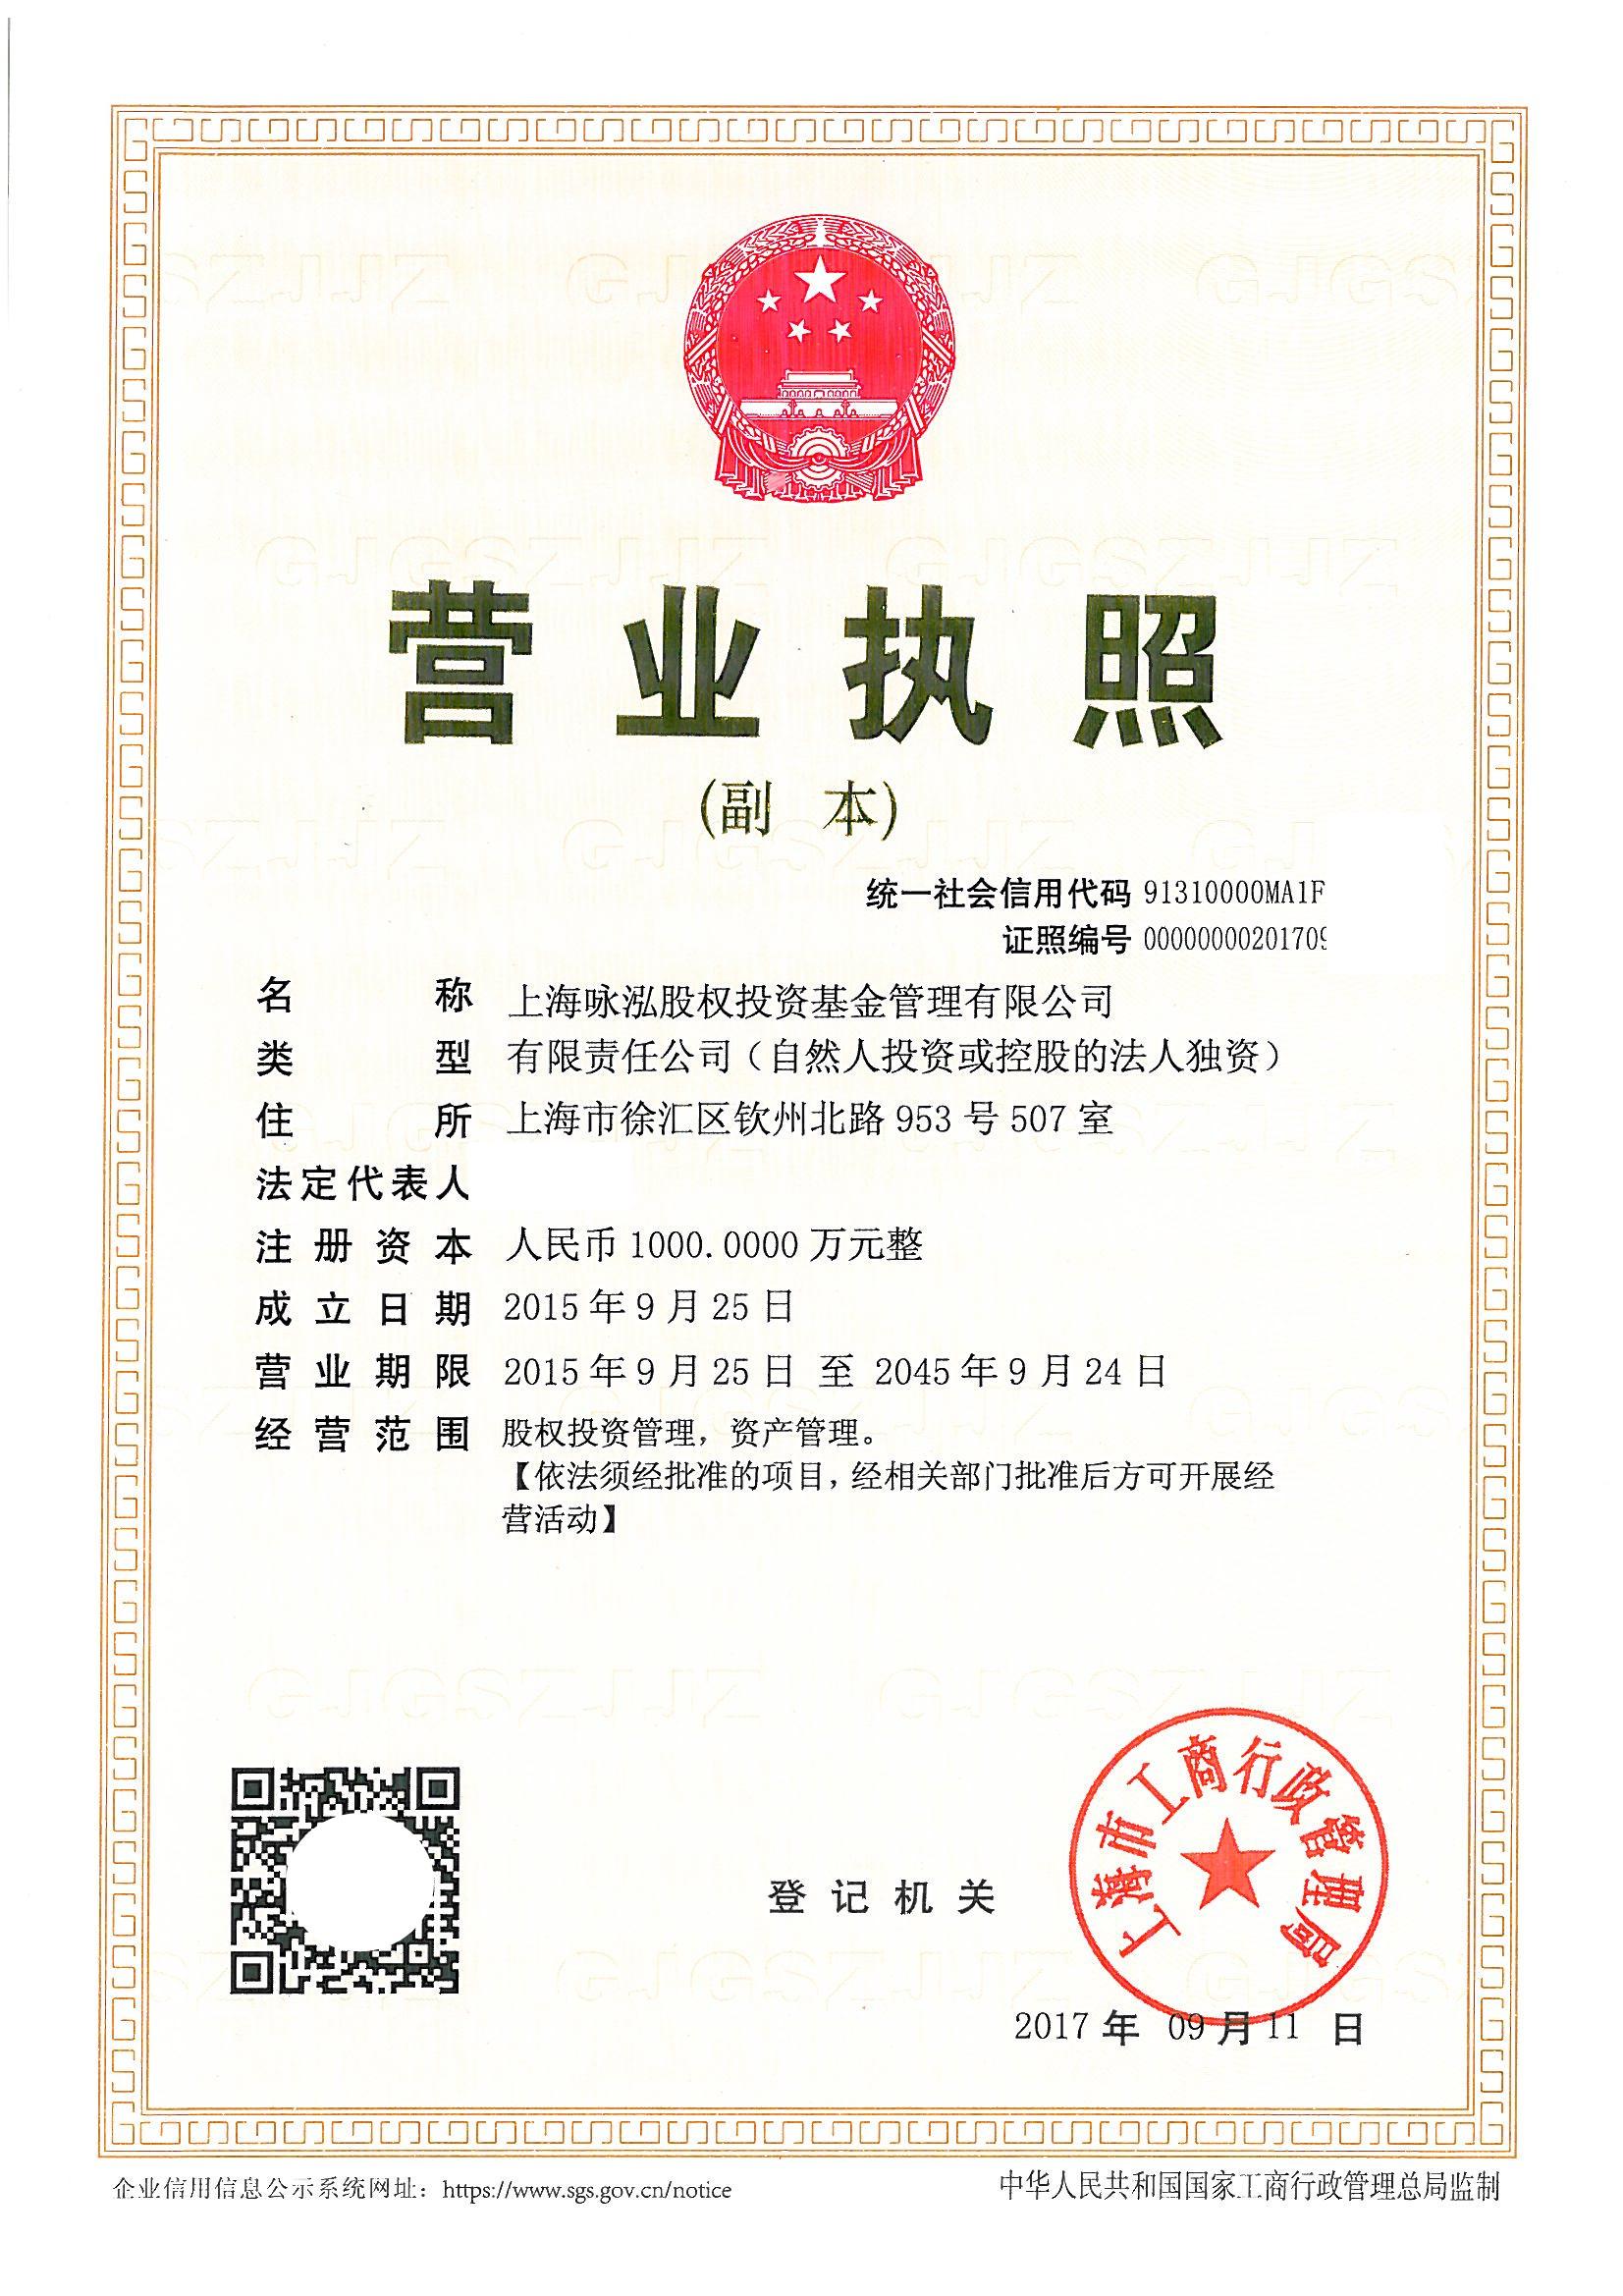 上海咏泓股权投资基金管理有限公司